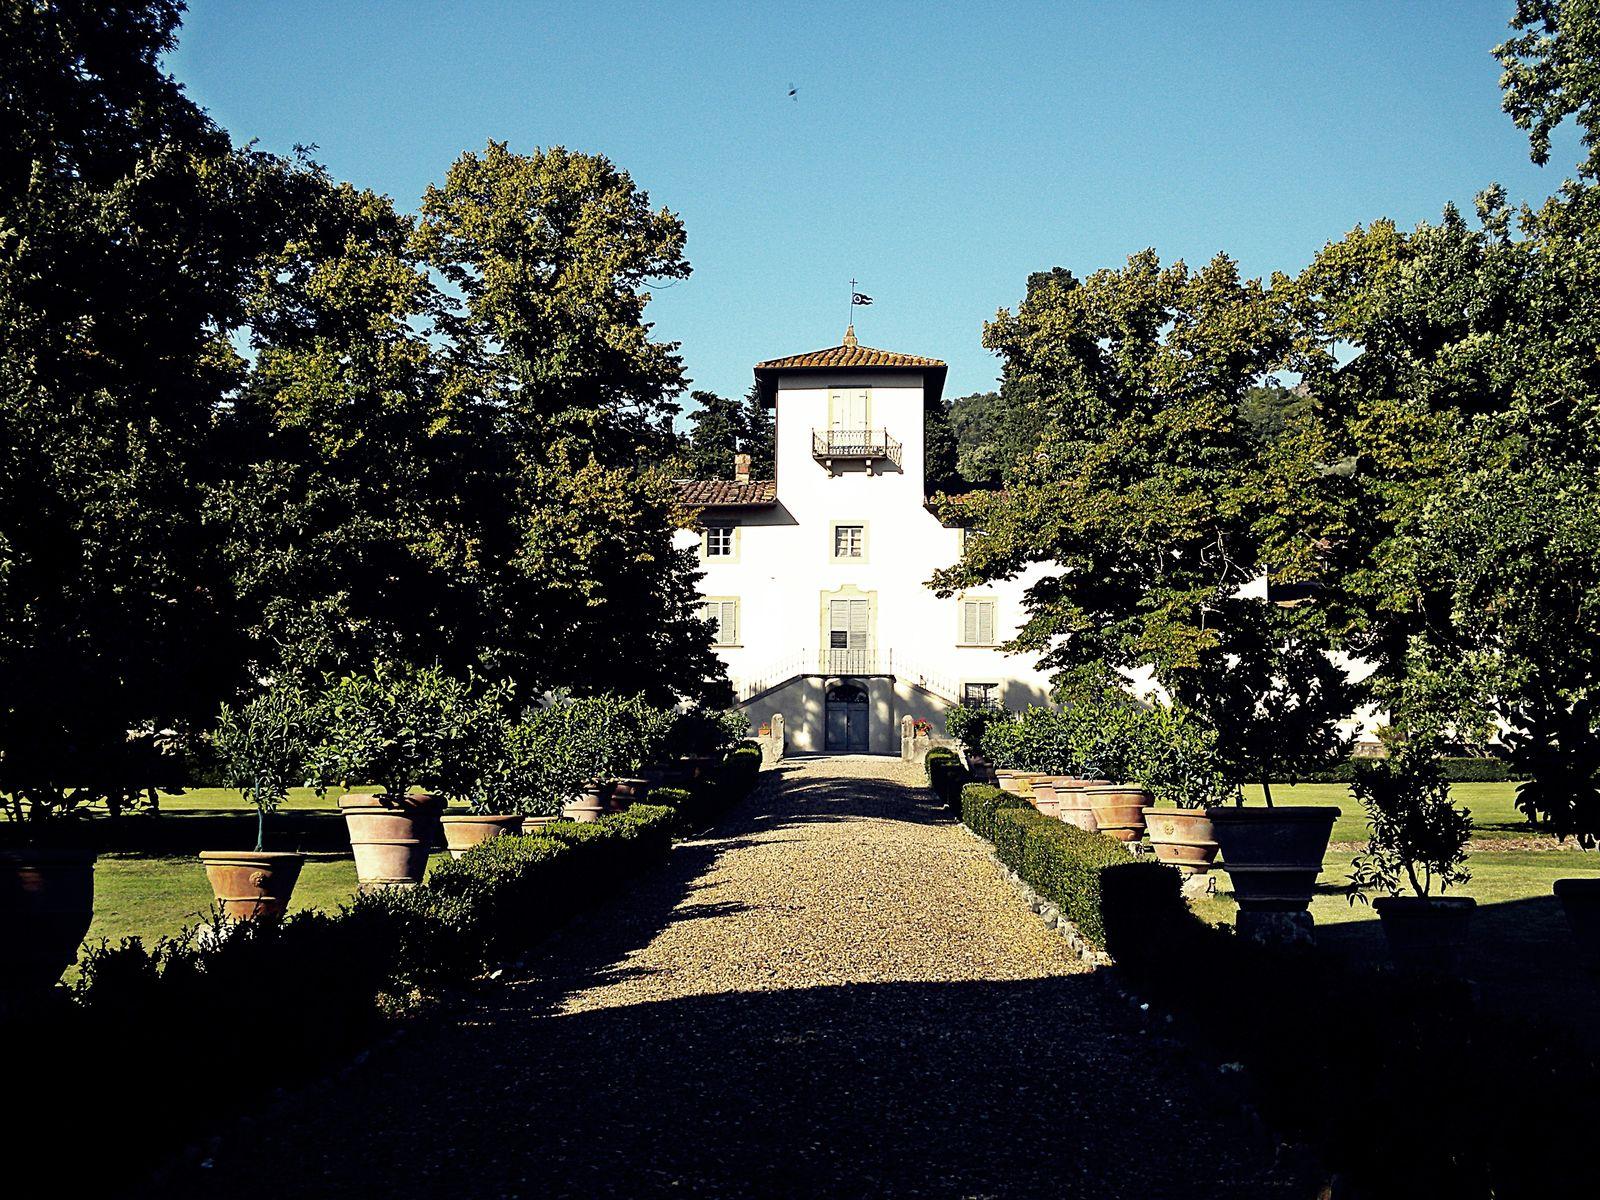 Montemurlo - Un salto nel paese di oggi con un personaggio di ieri - Toscana Ovunque Bella